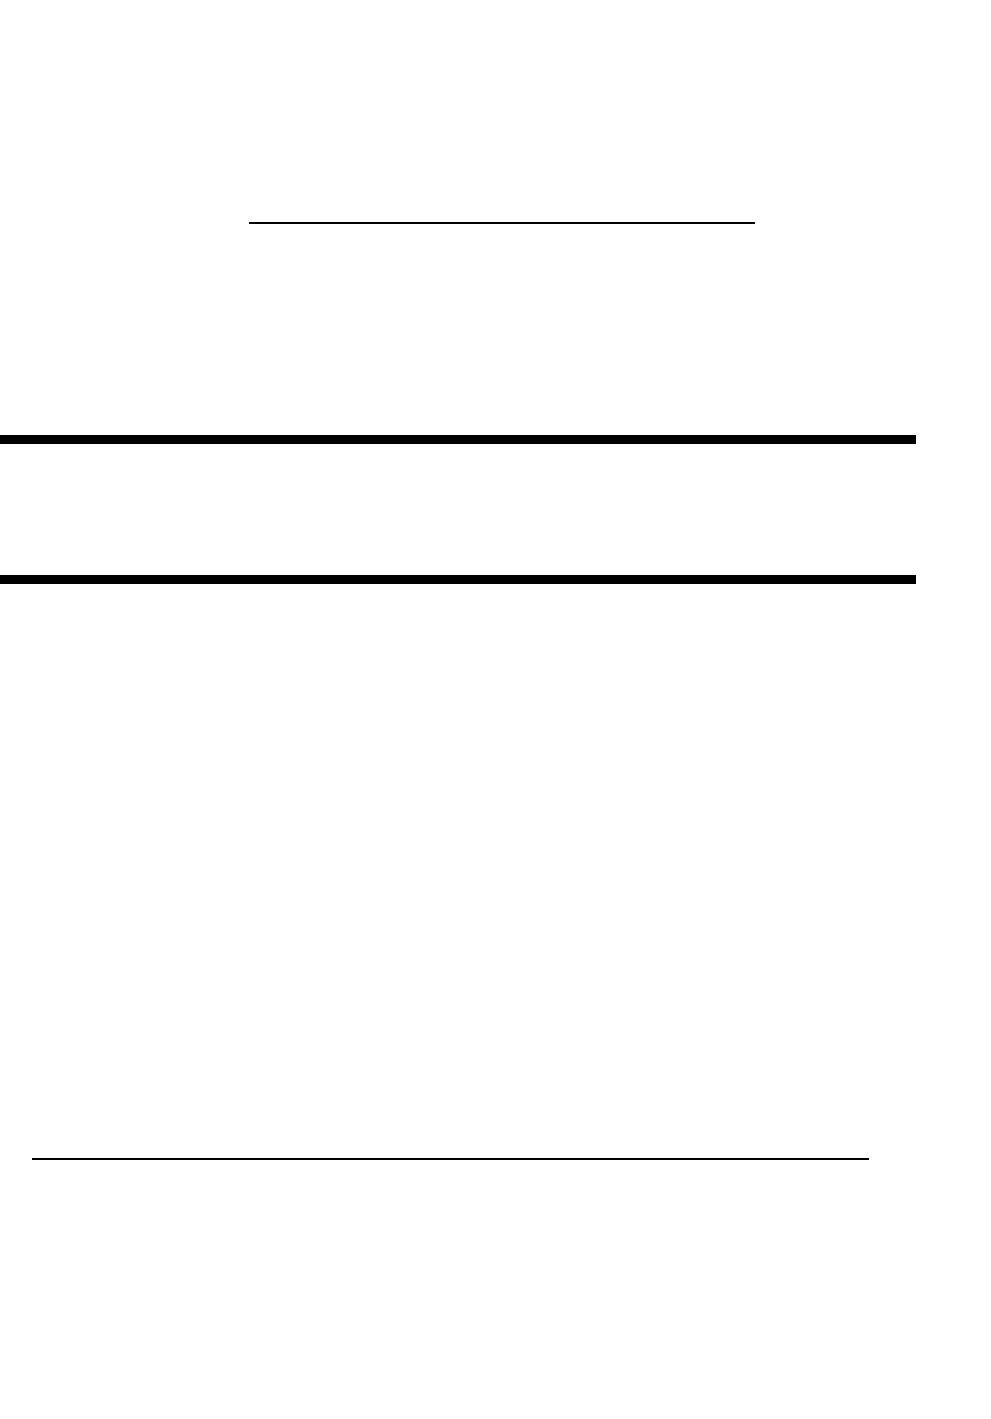 Soalan Peperiksaan Akhir Tahun Pendidikan Jasmani Dan Kesihatan Tingkatan 1 Berguna Kertas Peperiksaan Akhir Tahun Pjpk Tingkatan 4 Of Dapatkan Peperiksaan Akhir Tahun Pendidikan Jasmani Dan Kesihatan Tingkatan 1 Yang Terhebat Khas Untuk Para Ibubapa Cetakkan!